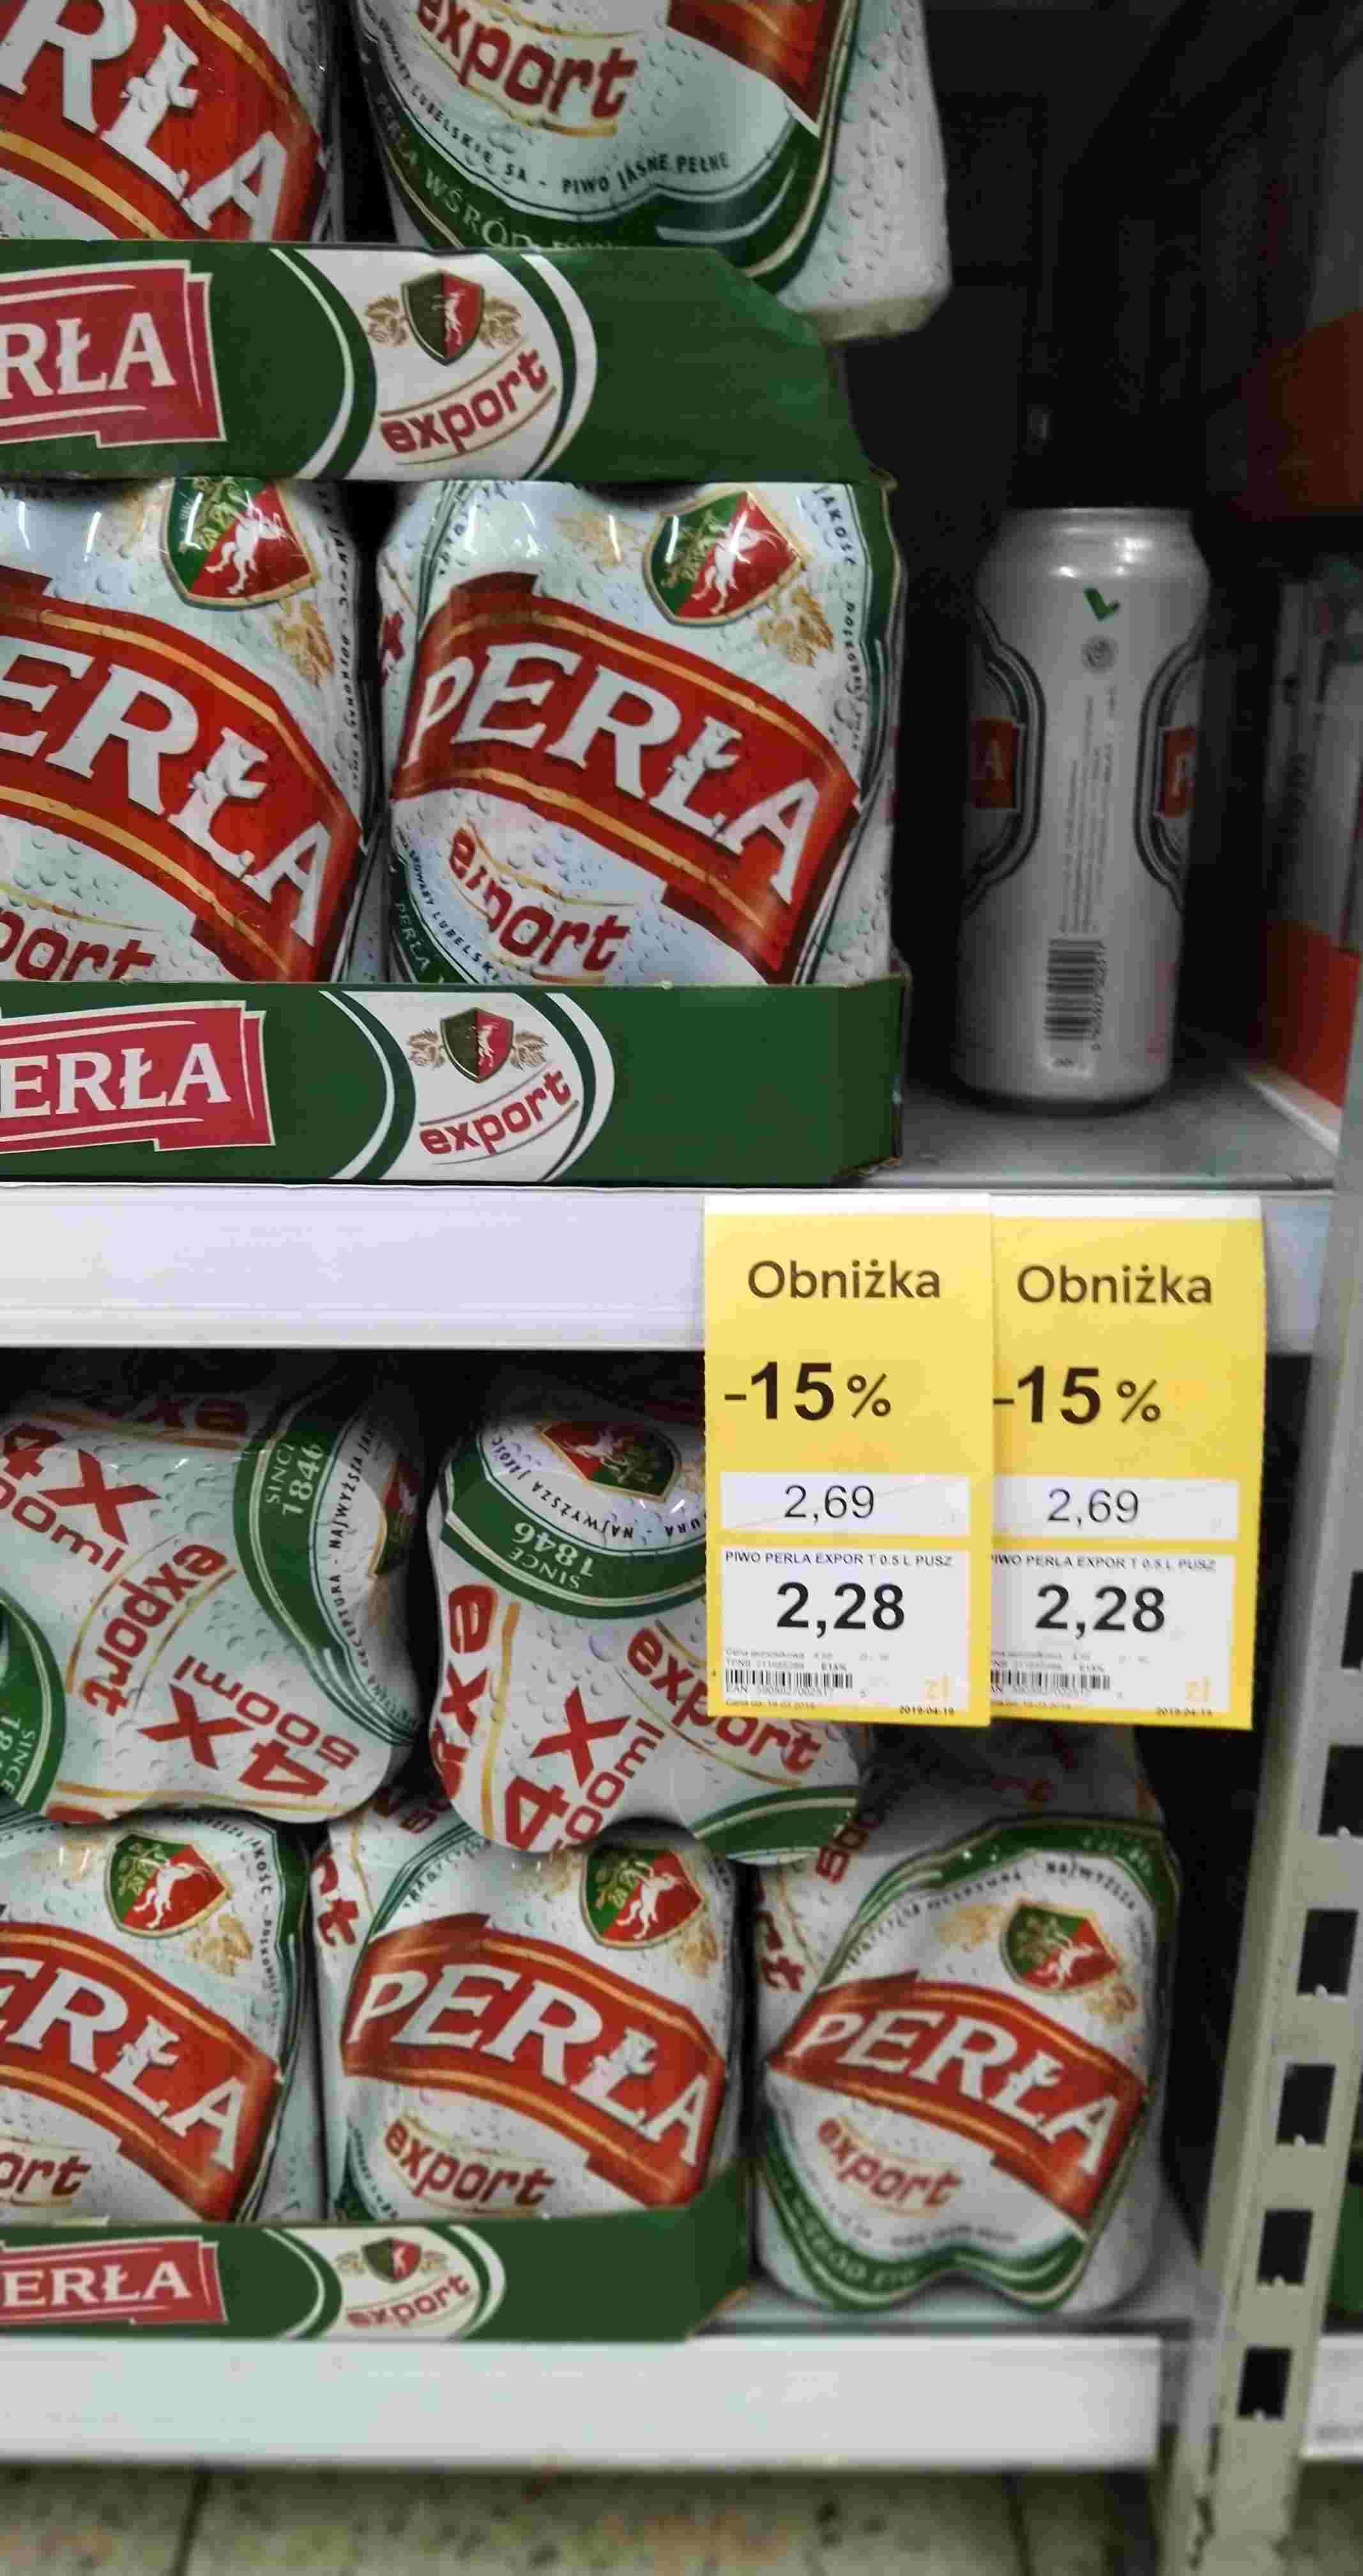 Piwo Perła Export za 1,34zł / puszka 0,5l - błąd cenowy Tesco Gocław Fieldorfa